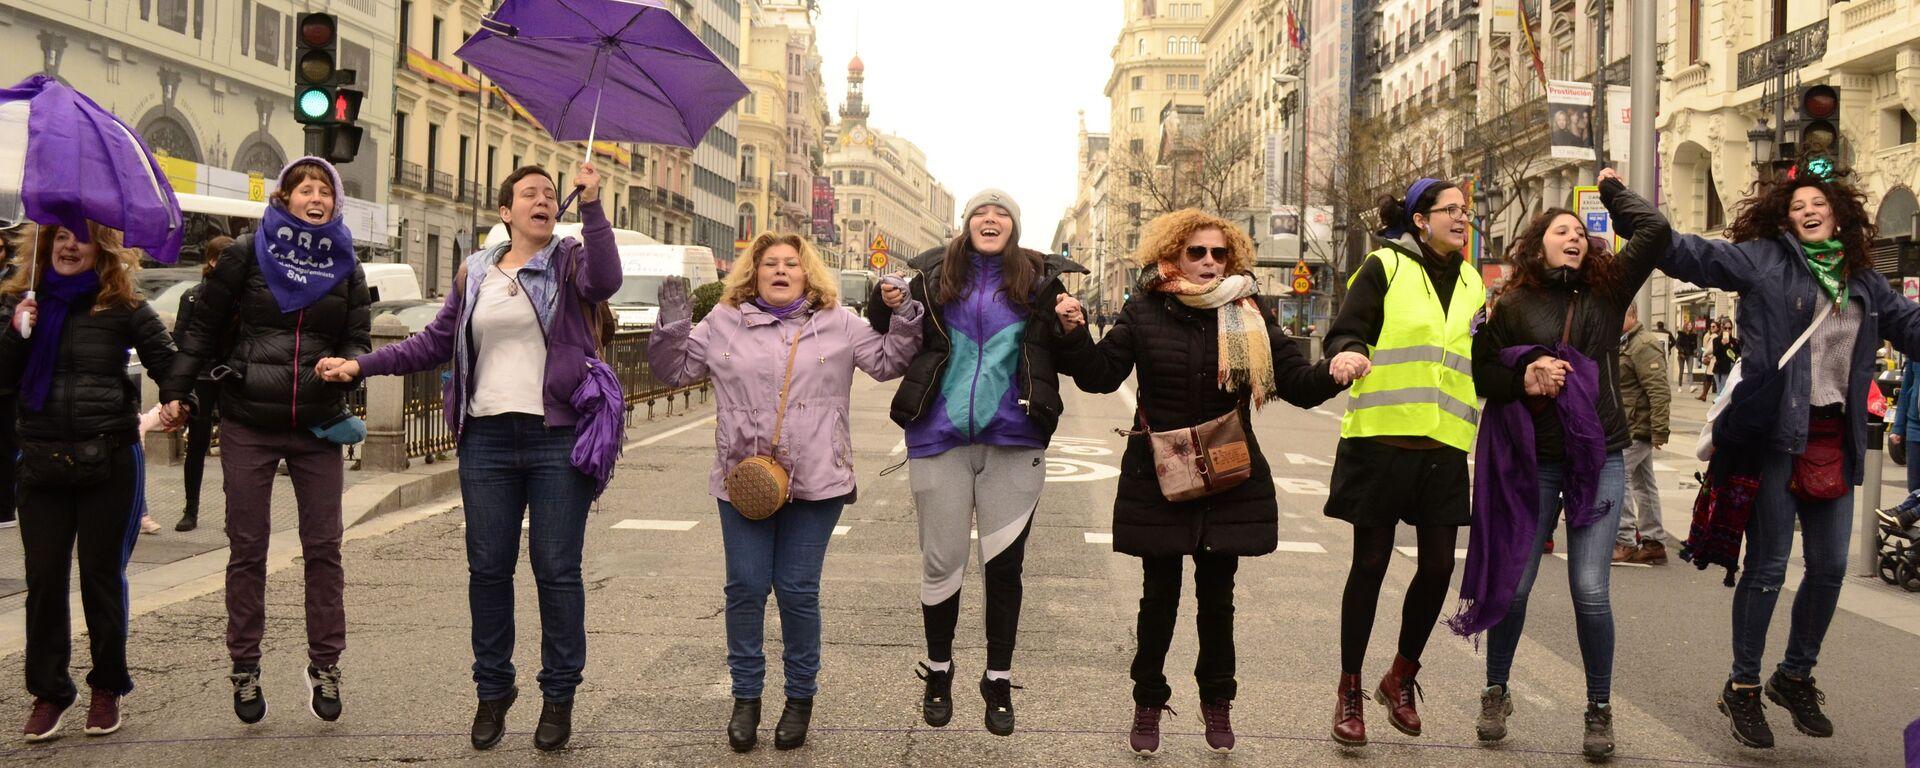 Manifestación de mujeres feministas en Madrid - Sputnik Mundo, 1920, 03.06.2020